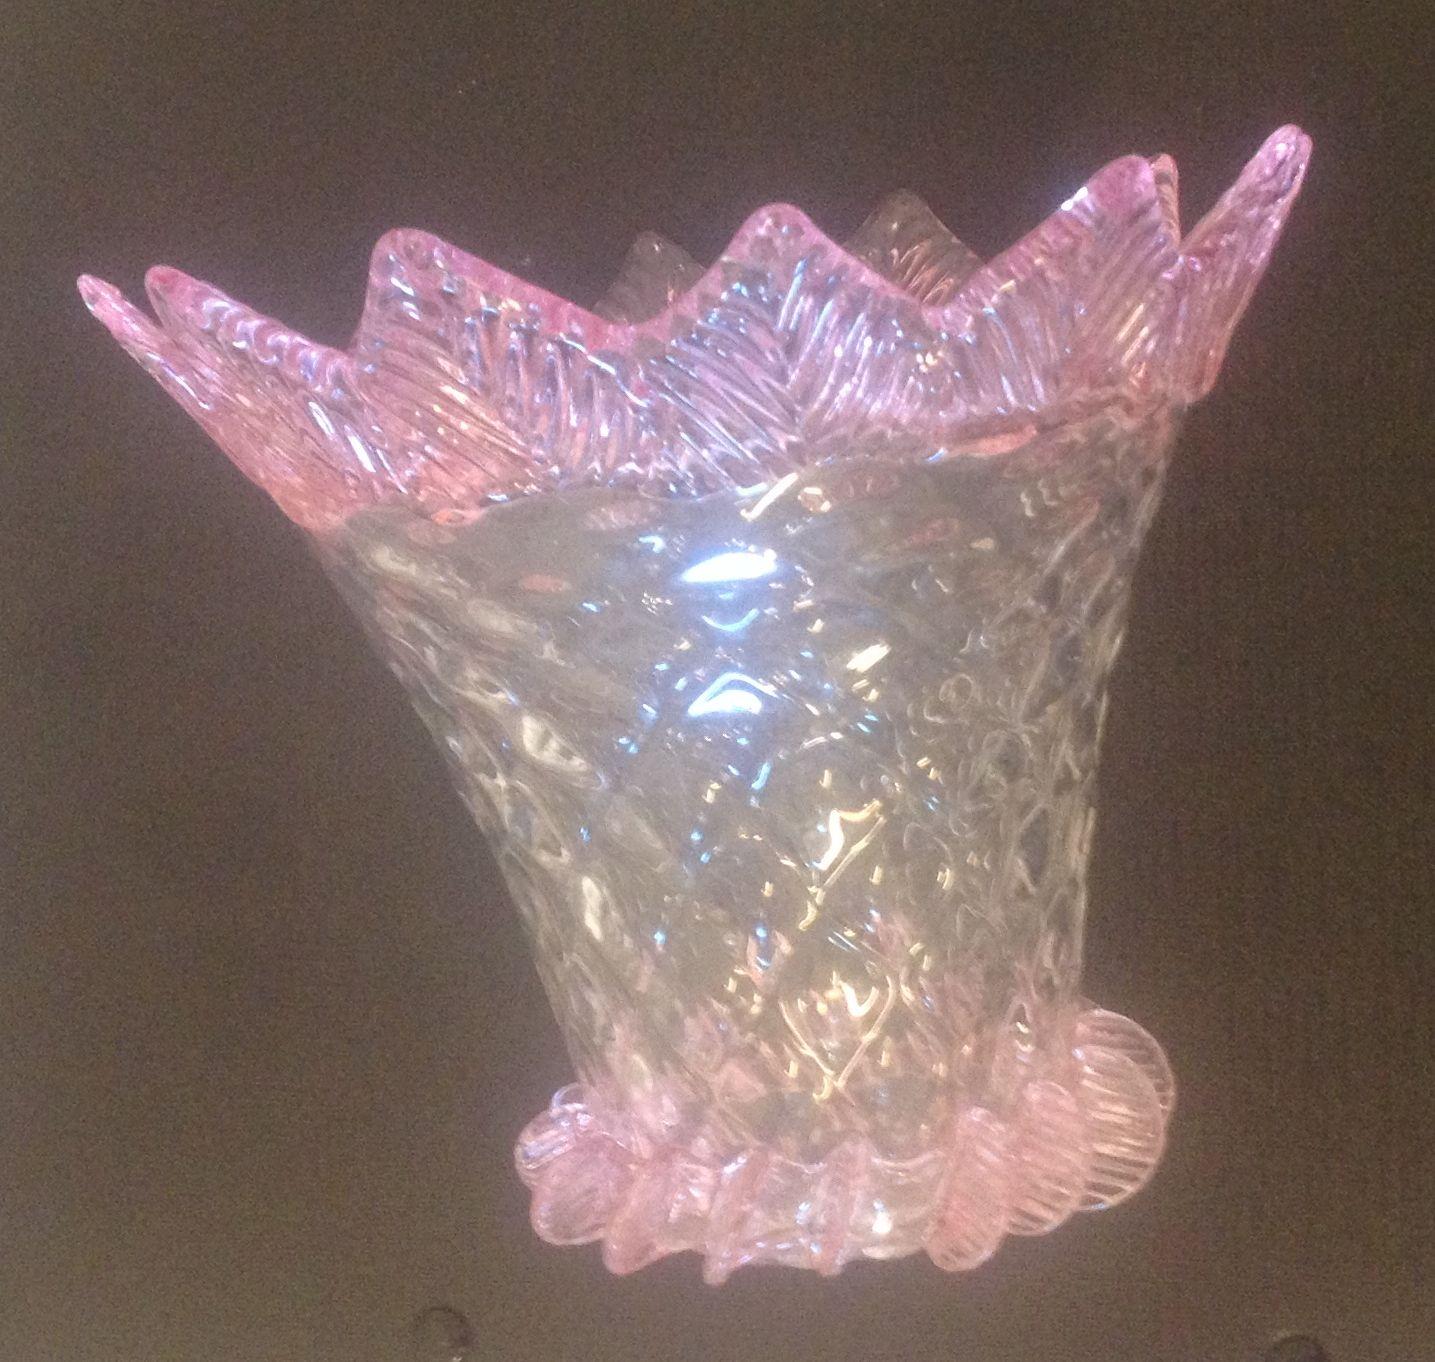 ricambi per lampadari : ricambi per lampadari in vetro di murano tazzepezzi ricambio